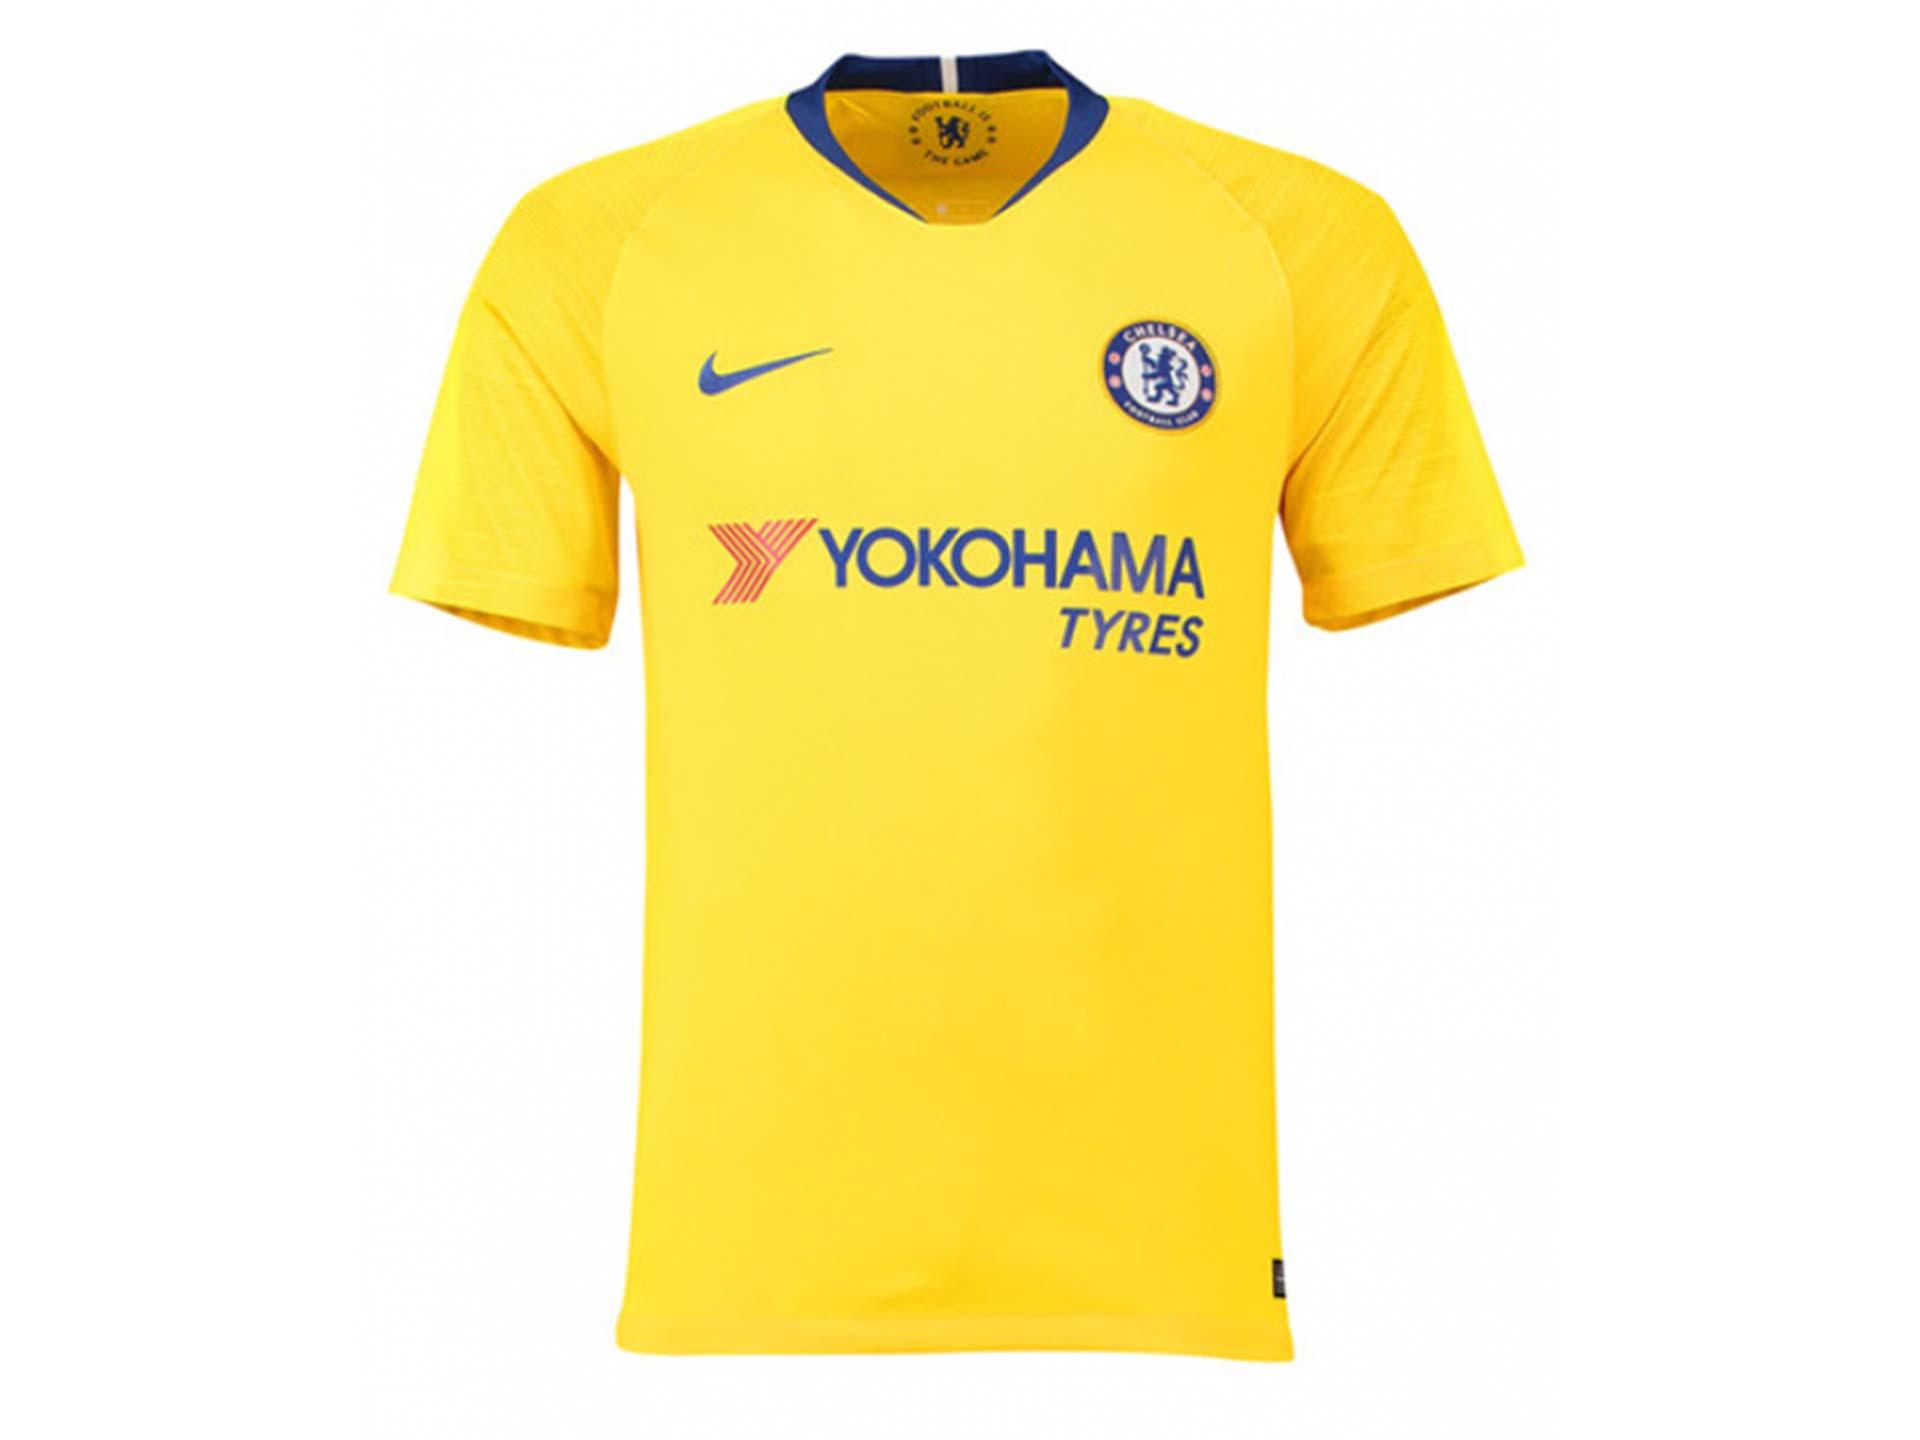 newest 79d91 7f900 Kensoko.com - Replica Chelsea Away Shirt 2018-19